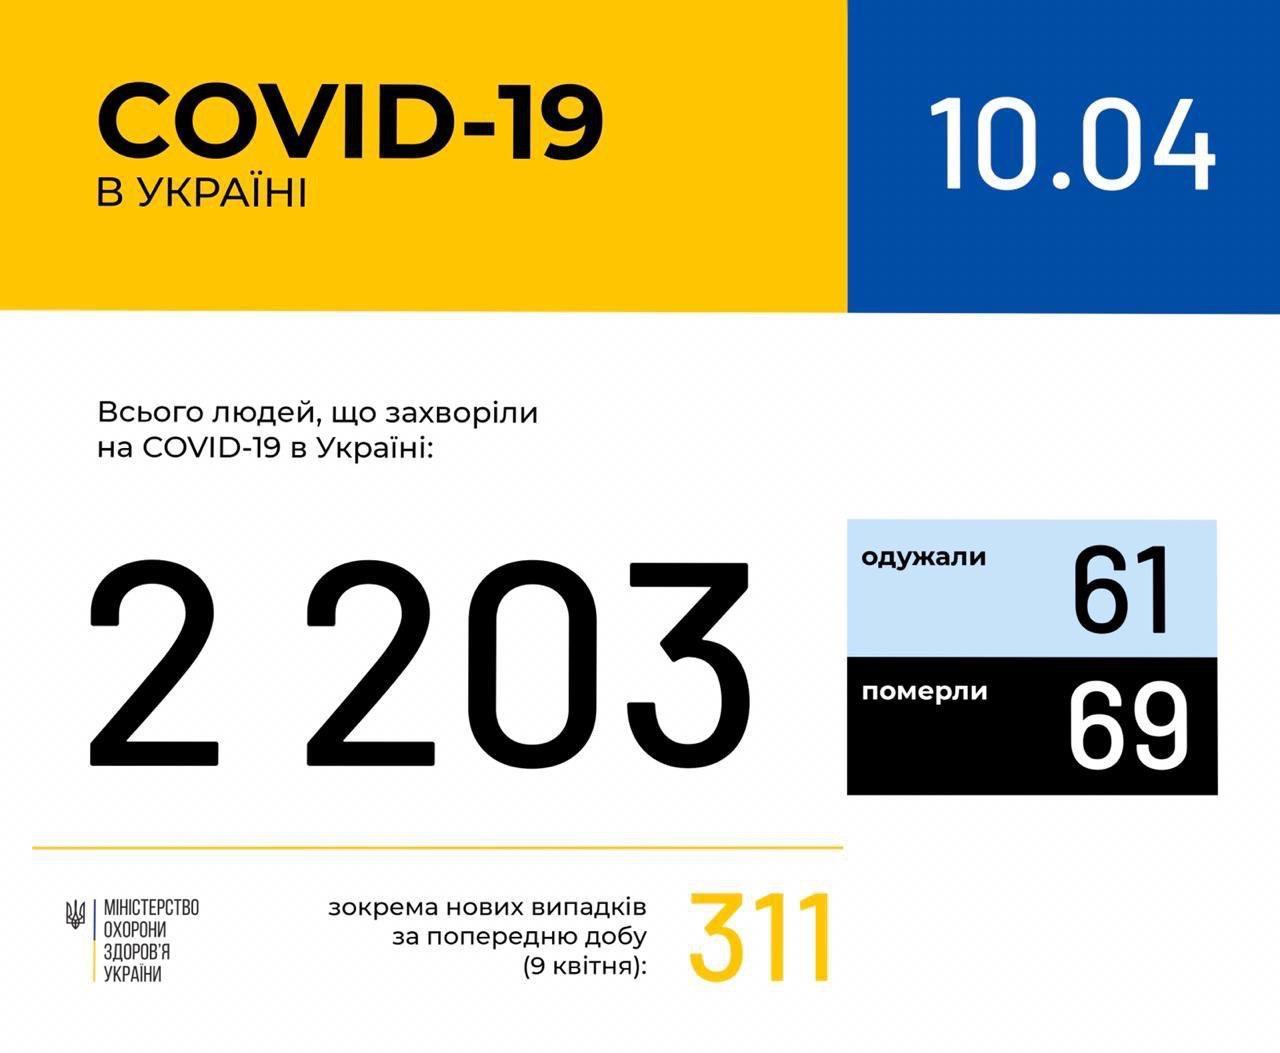 За добу 9 квітня число інфікованих коронавіром зросло на 311 осіб. Тепер 2203 випадки в Україні